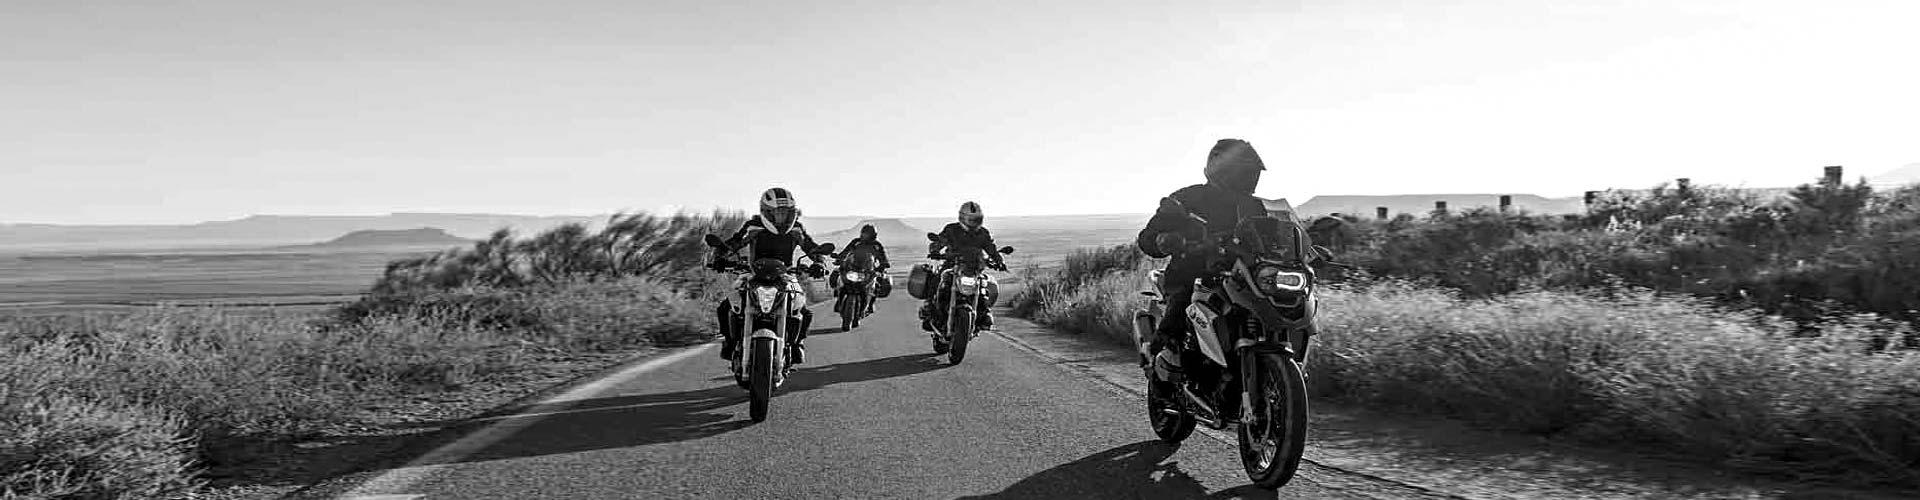 MOZ Motorradvermietung